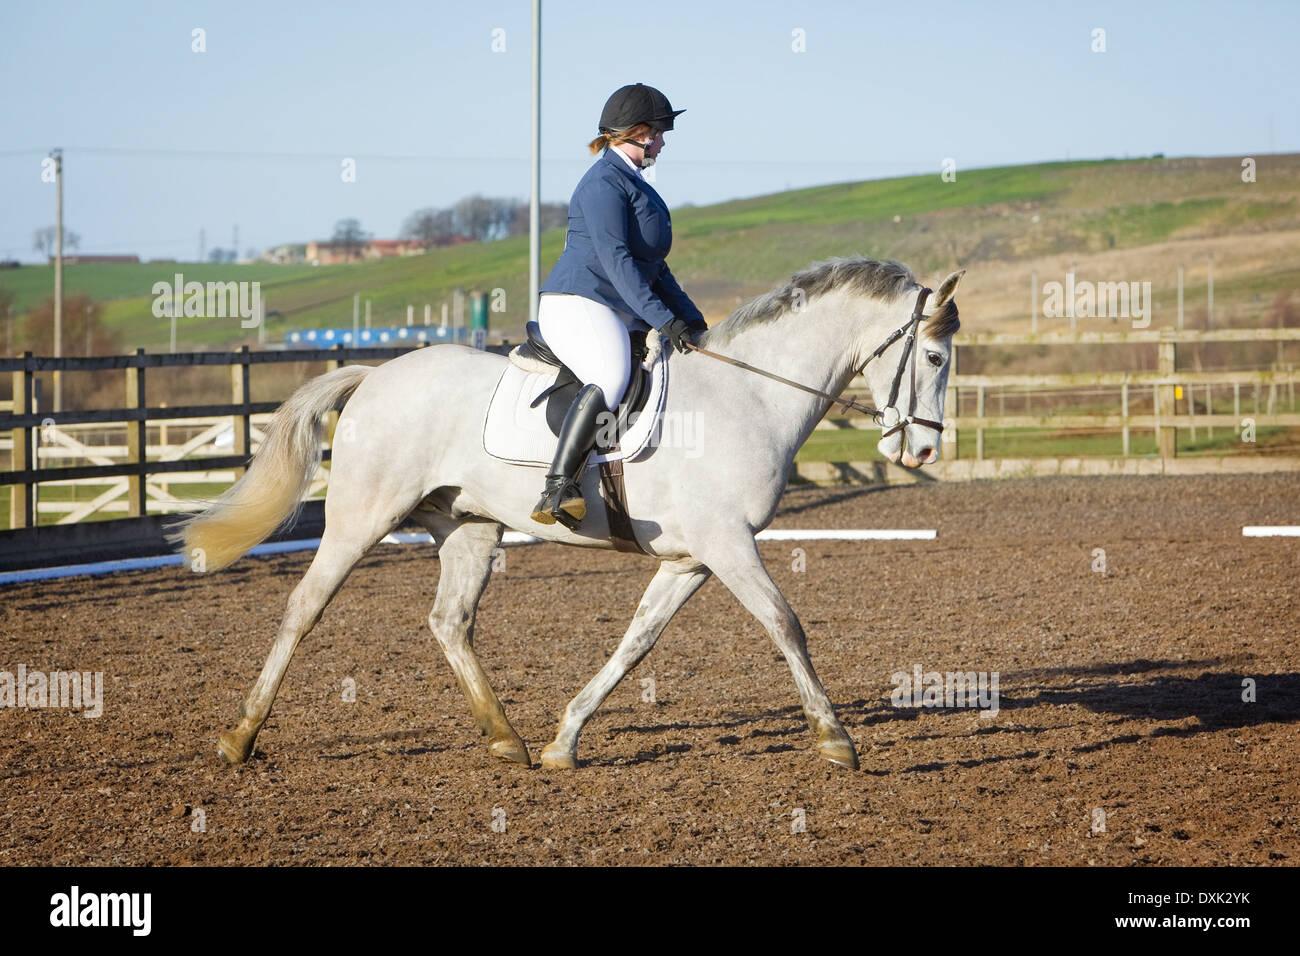 Un cavallo e cavaliere competere in un evento di dressage detenute al di fuori su di una spiaggia di sabbia e gomma in corso Inghilterra Immagini Stock